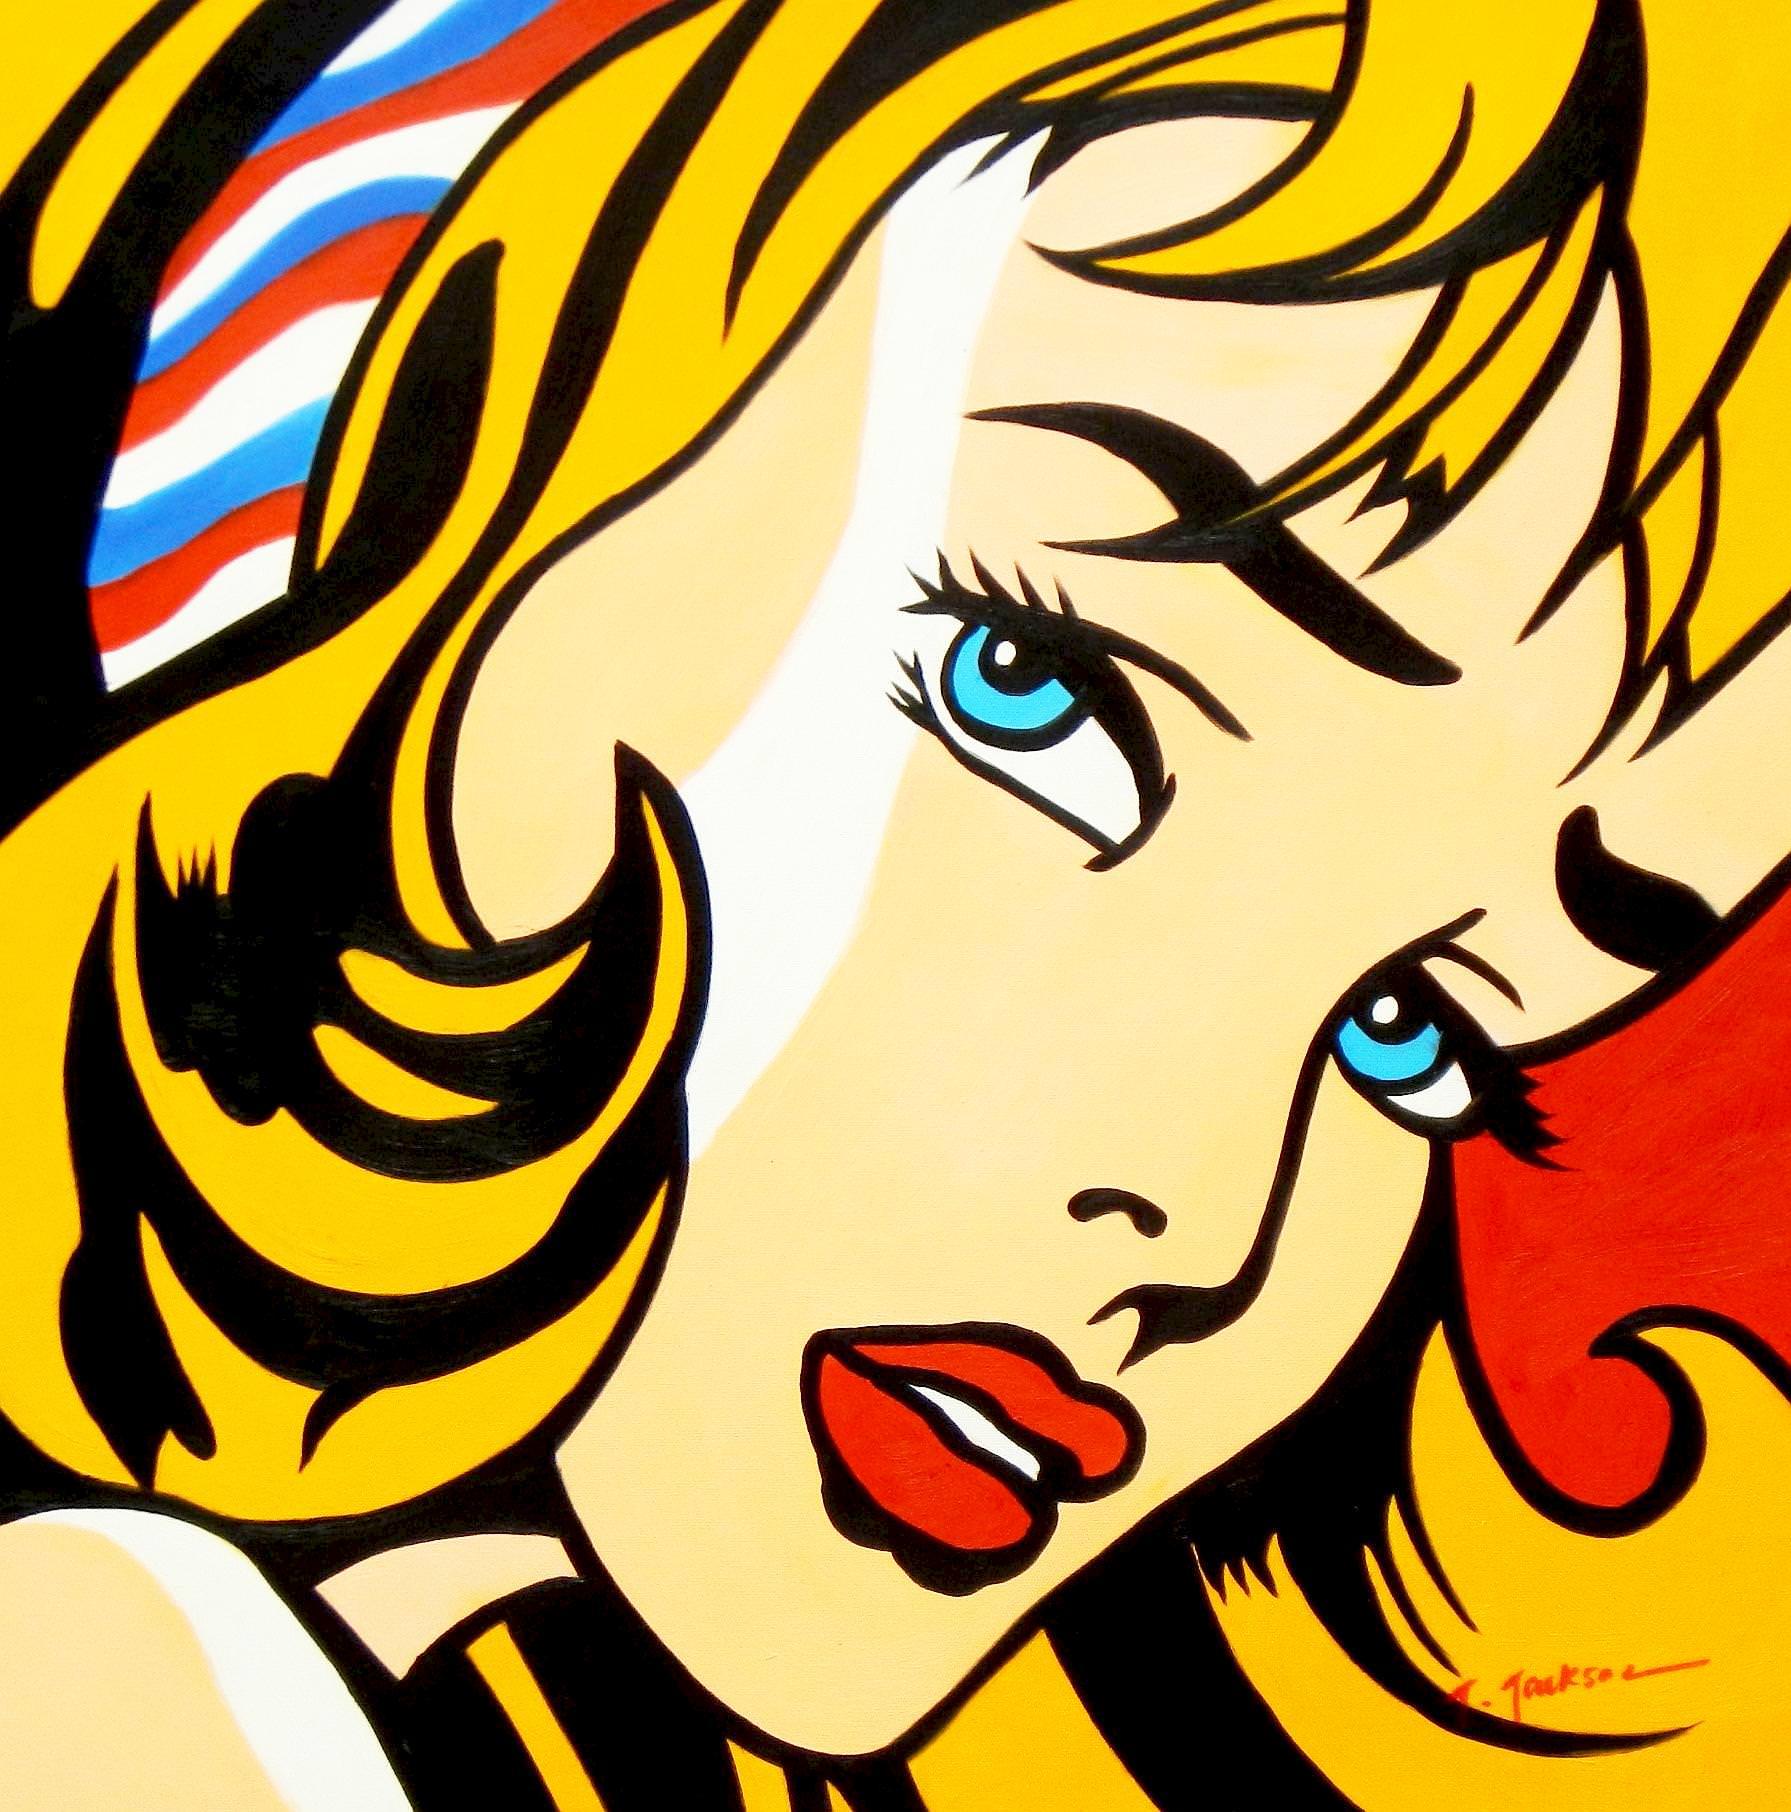 Homage to Roy Lichtenstein - Mädchen mit Haarband e93415 60x60cm Ölbild handgemalt